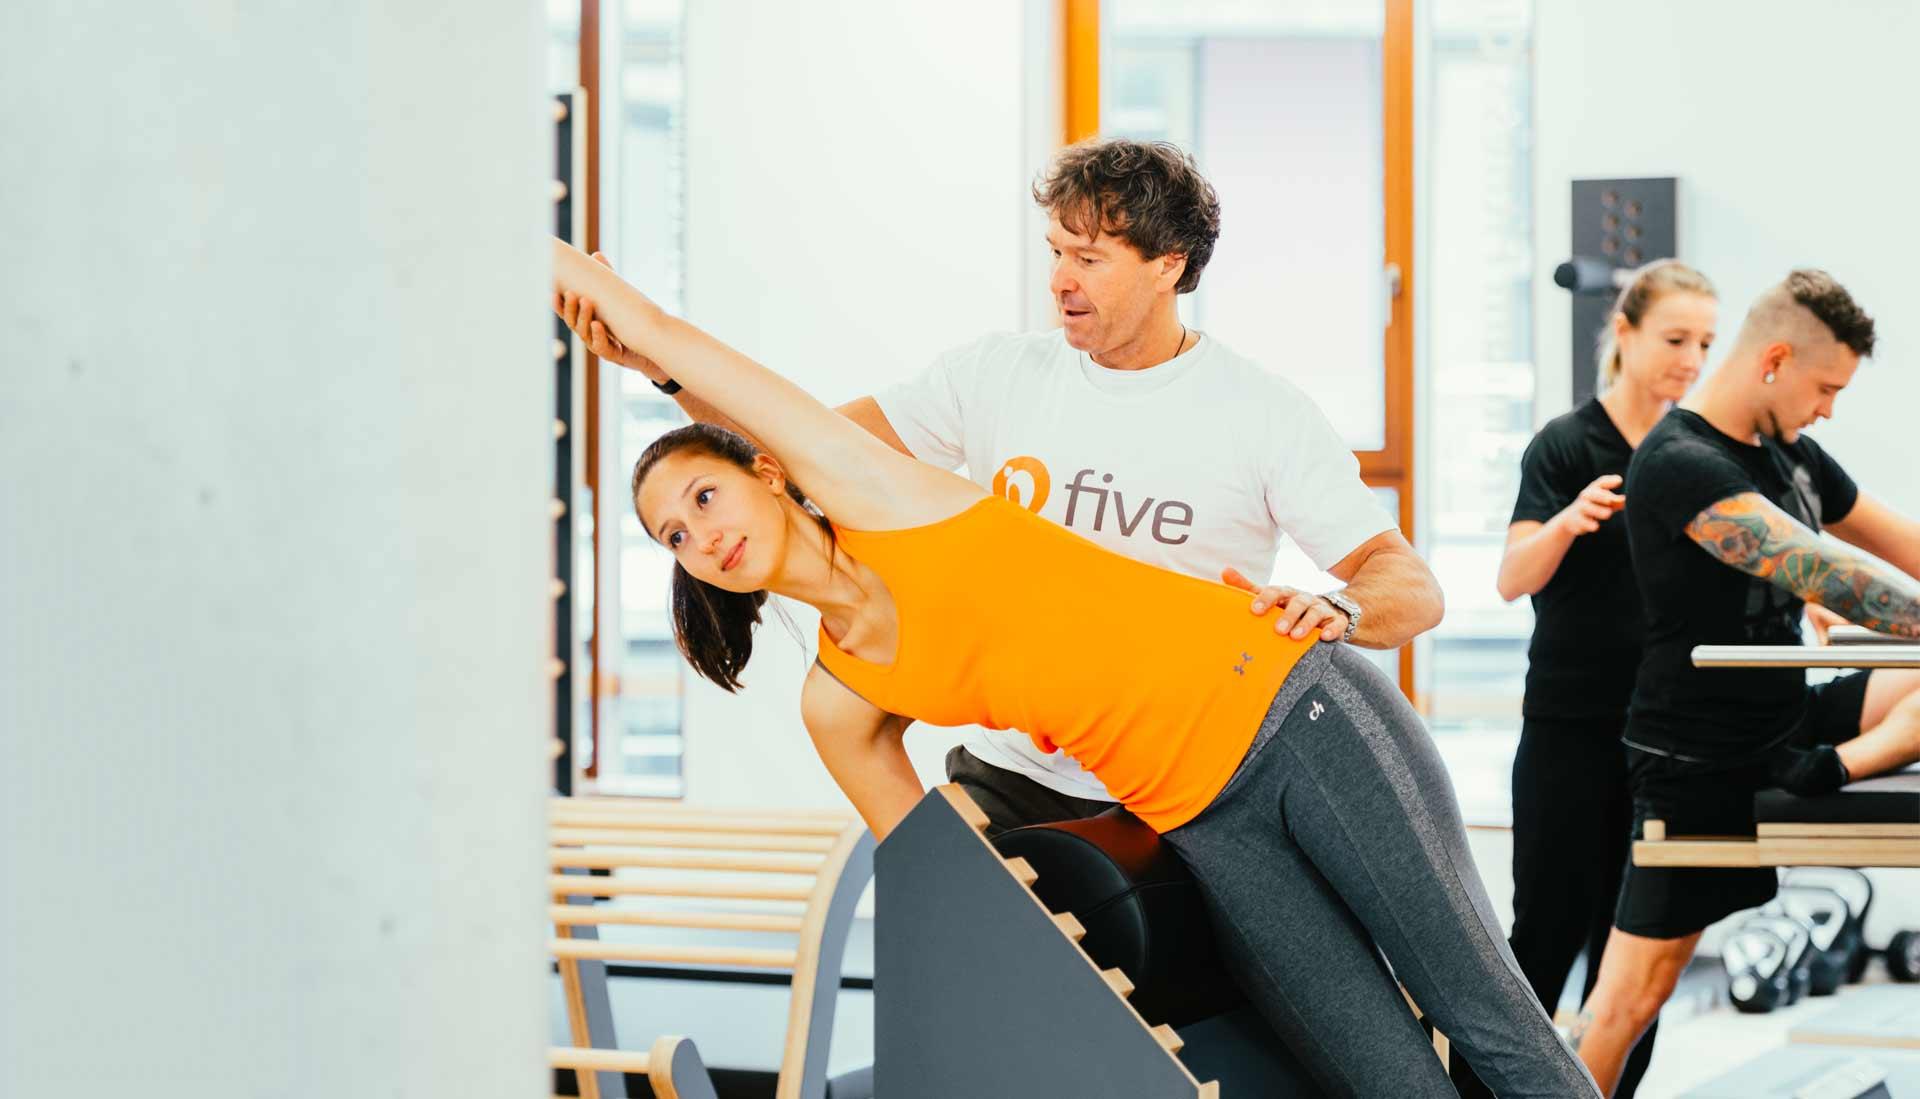 Ejercicios para mejorar la movilidad y la flexibiidad